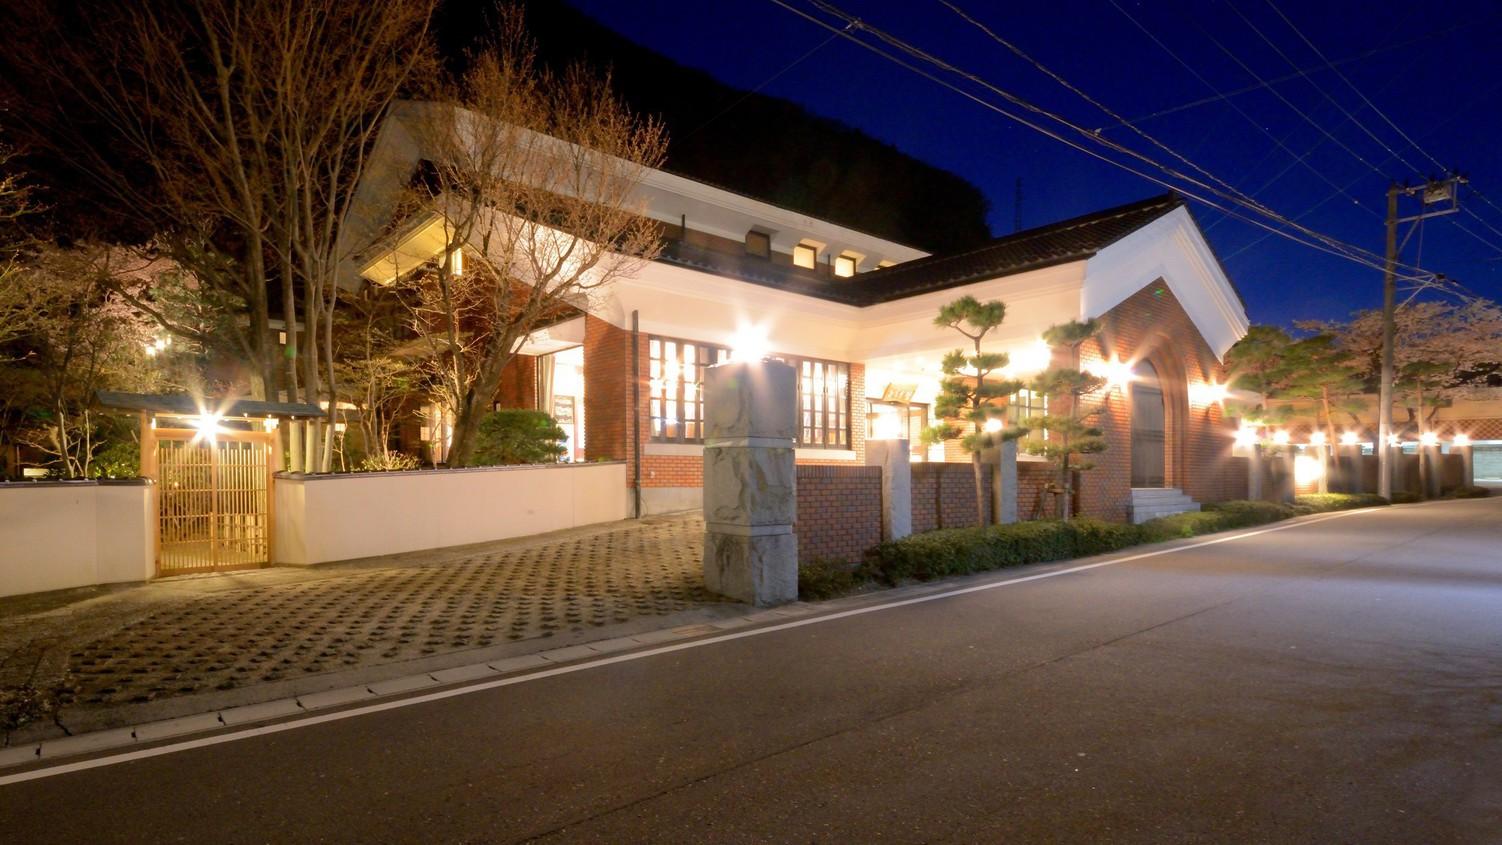 出張で郡山へ 磐梯熱海温泉で部屋出しでお食事がいただける旅館